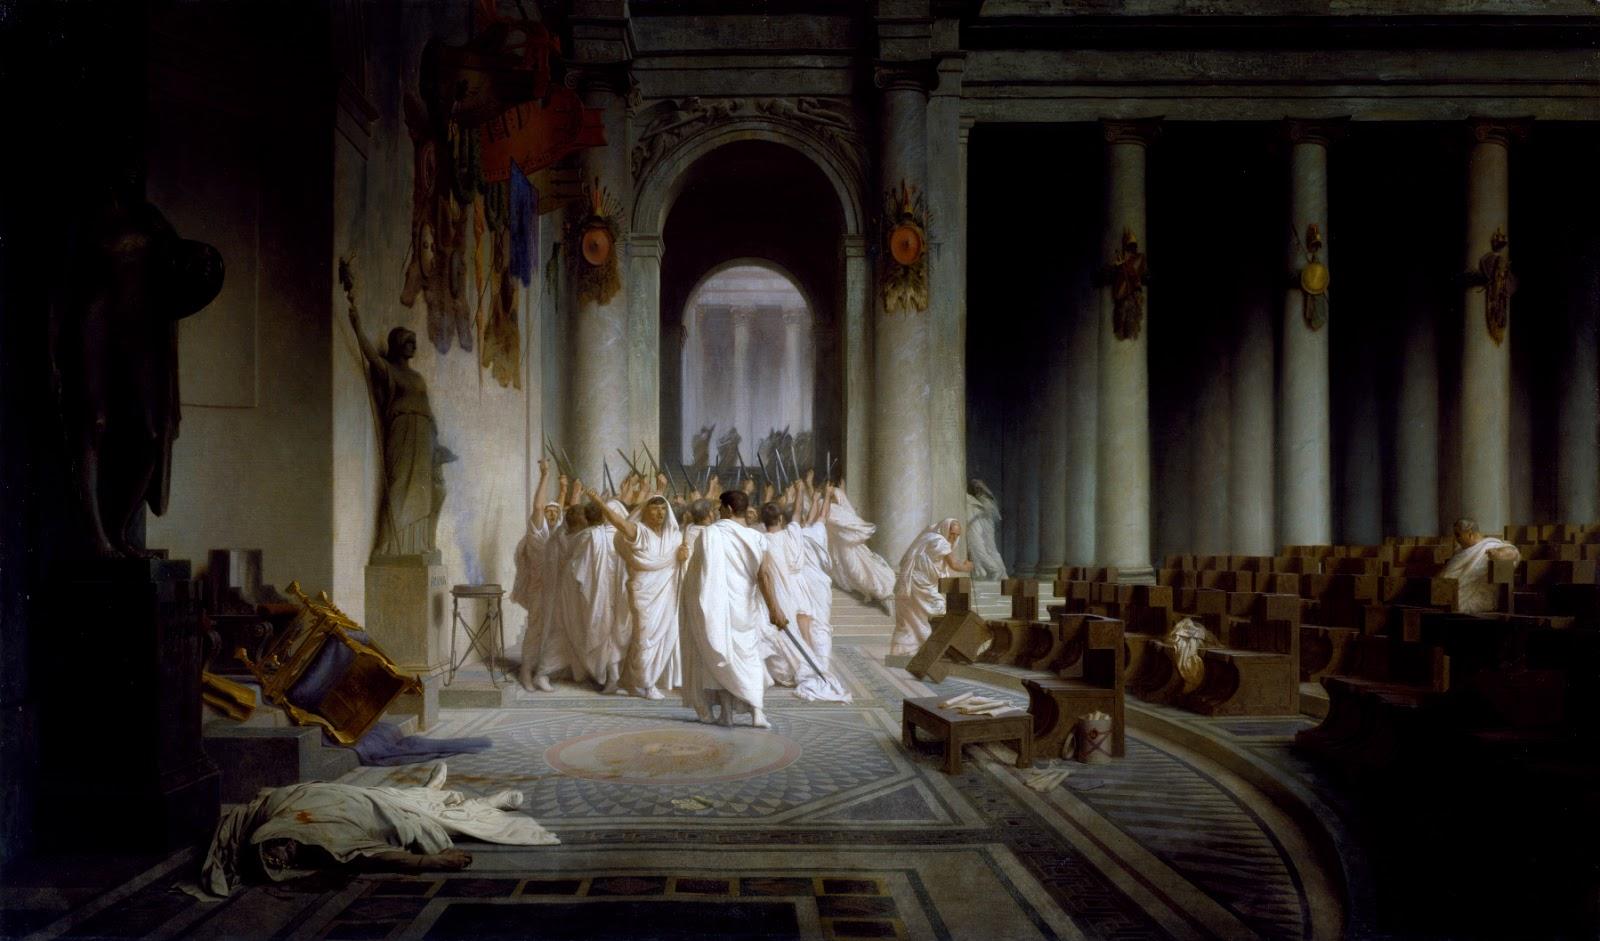 ジャン=レオン・ジェロームのカエサルの死